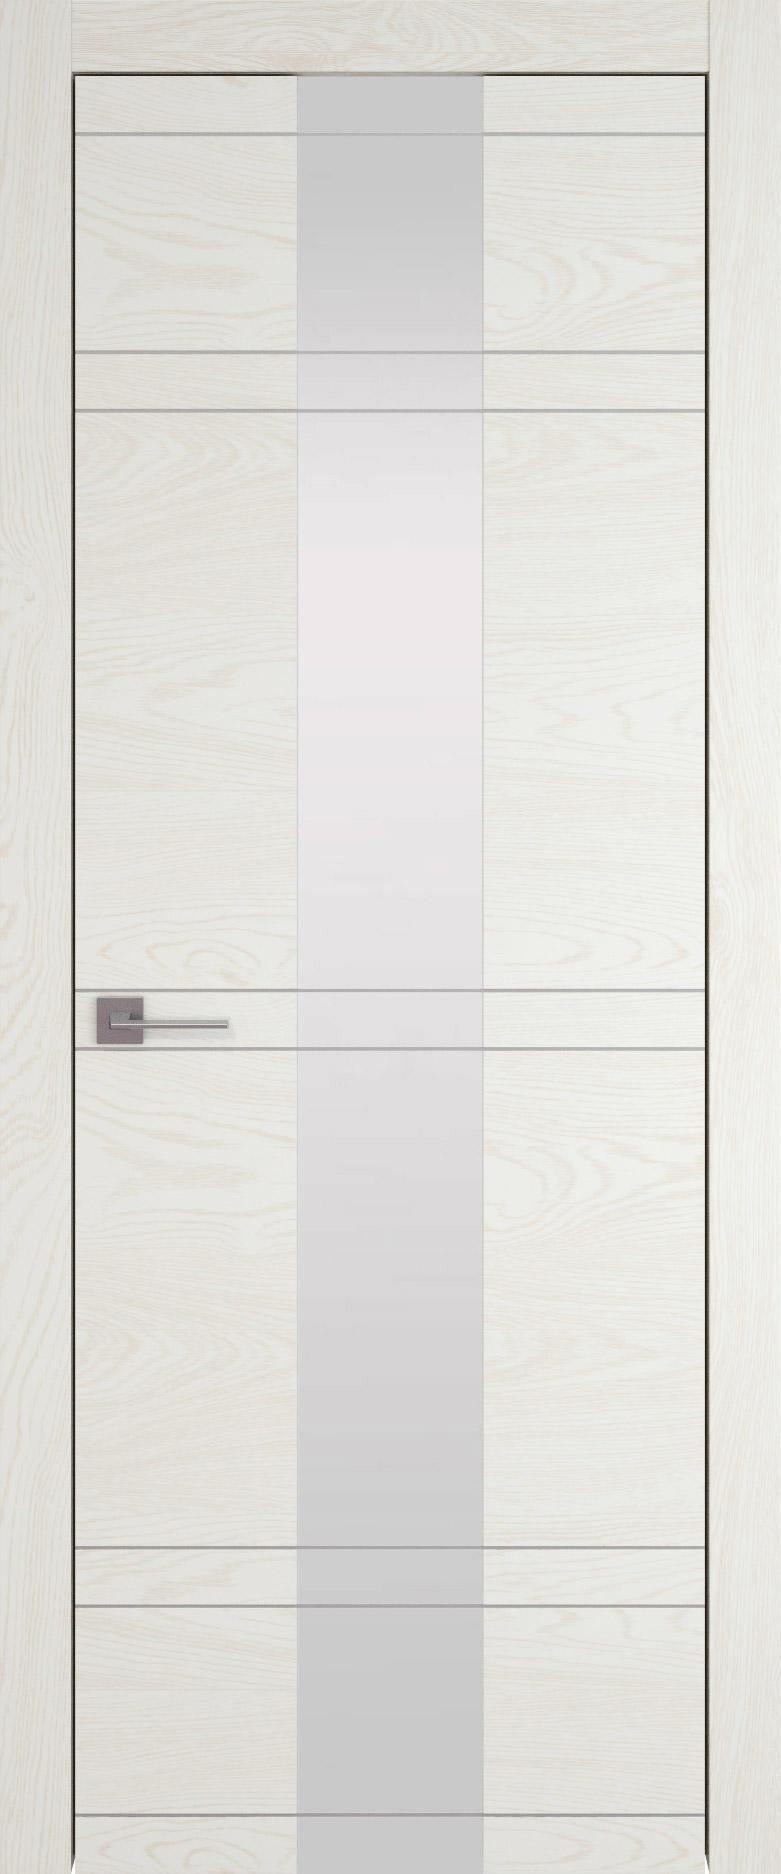 Tivoli Ж-4 цвет - Белый ясень (nano-flex) Со стеклом (ДО)